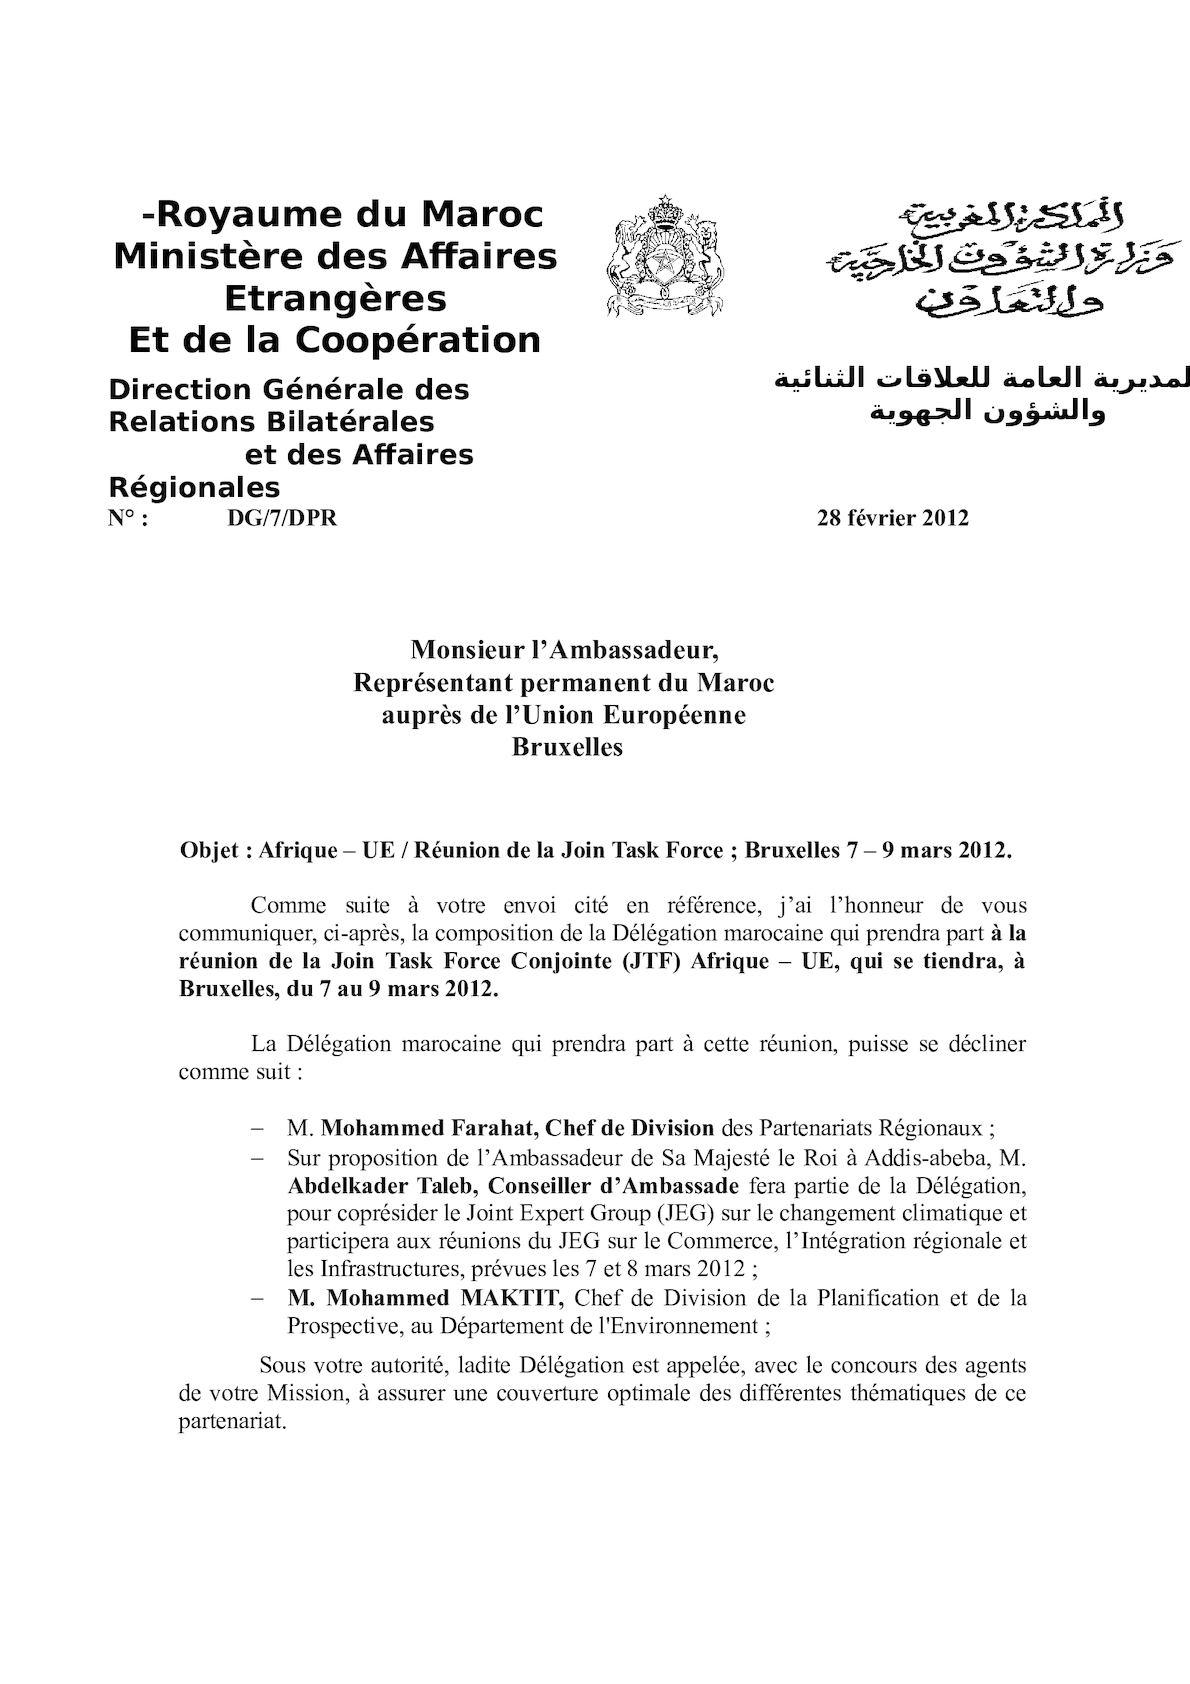 Afrique UE JEGs 7 9 Mars 2012 Lettre Bruxelles